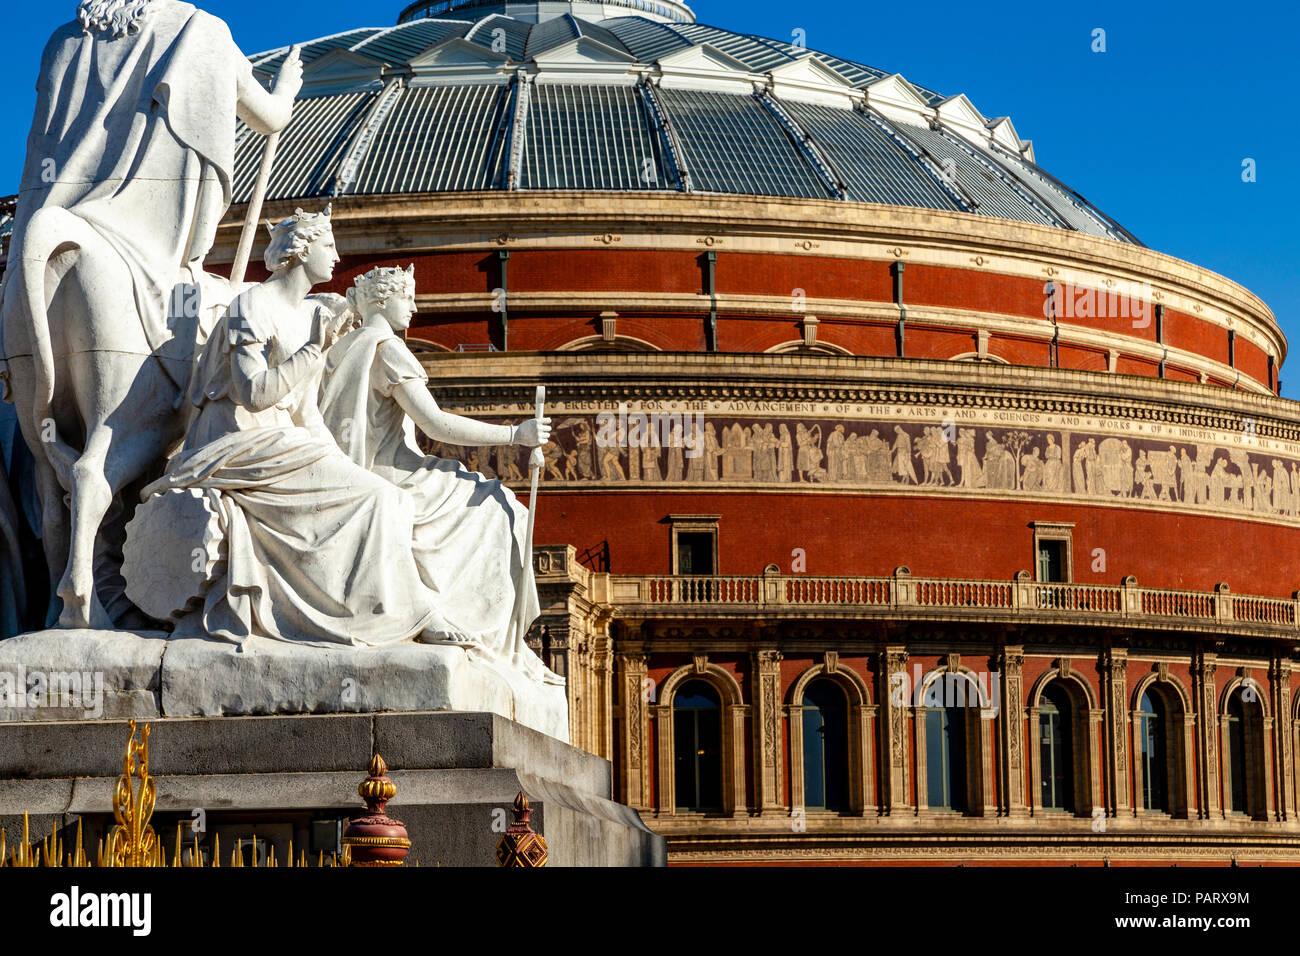 The Albert Memorial Statue and Royal Albert Hall, Kensington Gardens, London, UK - Stock Image